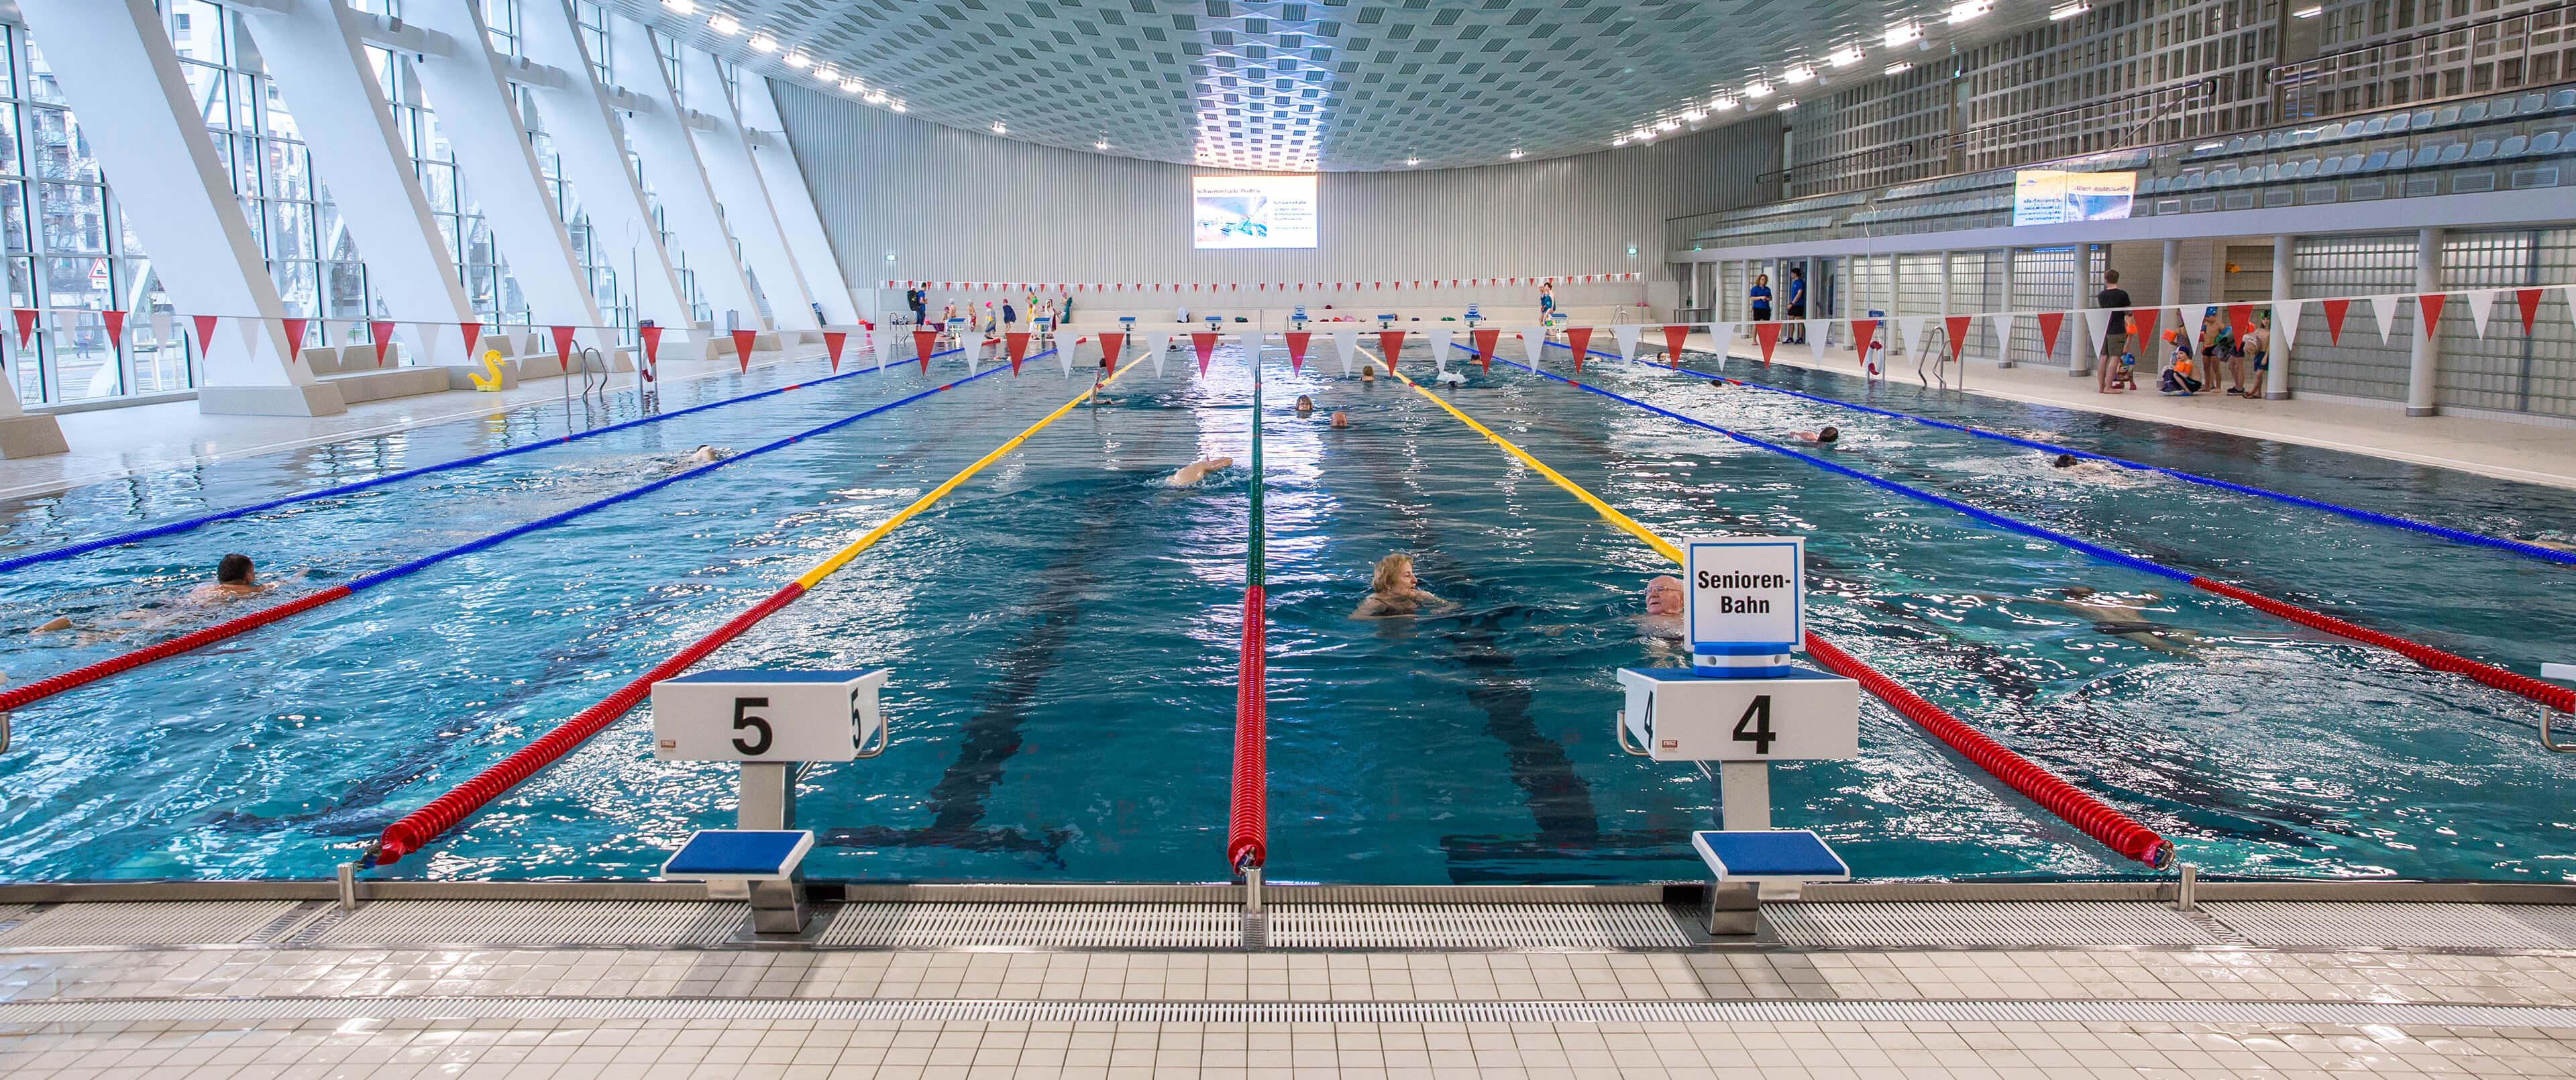 Schwimmsportkomplex